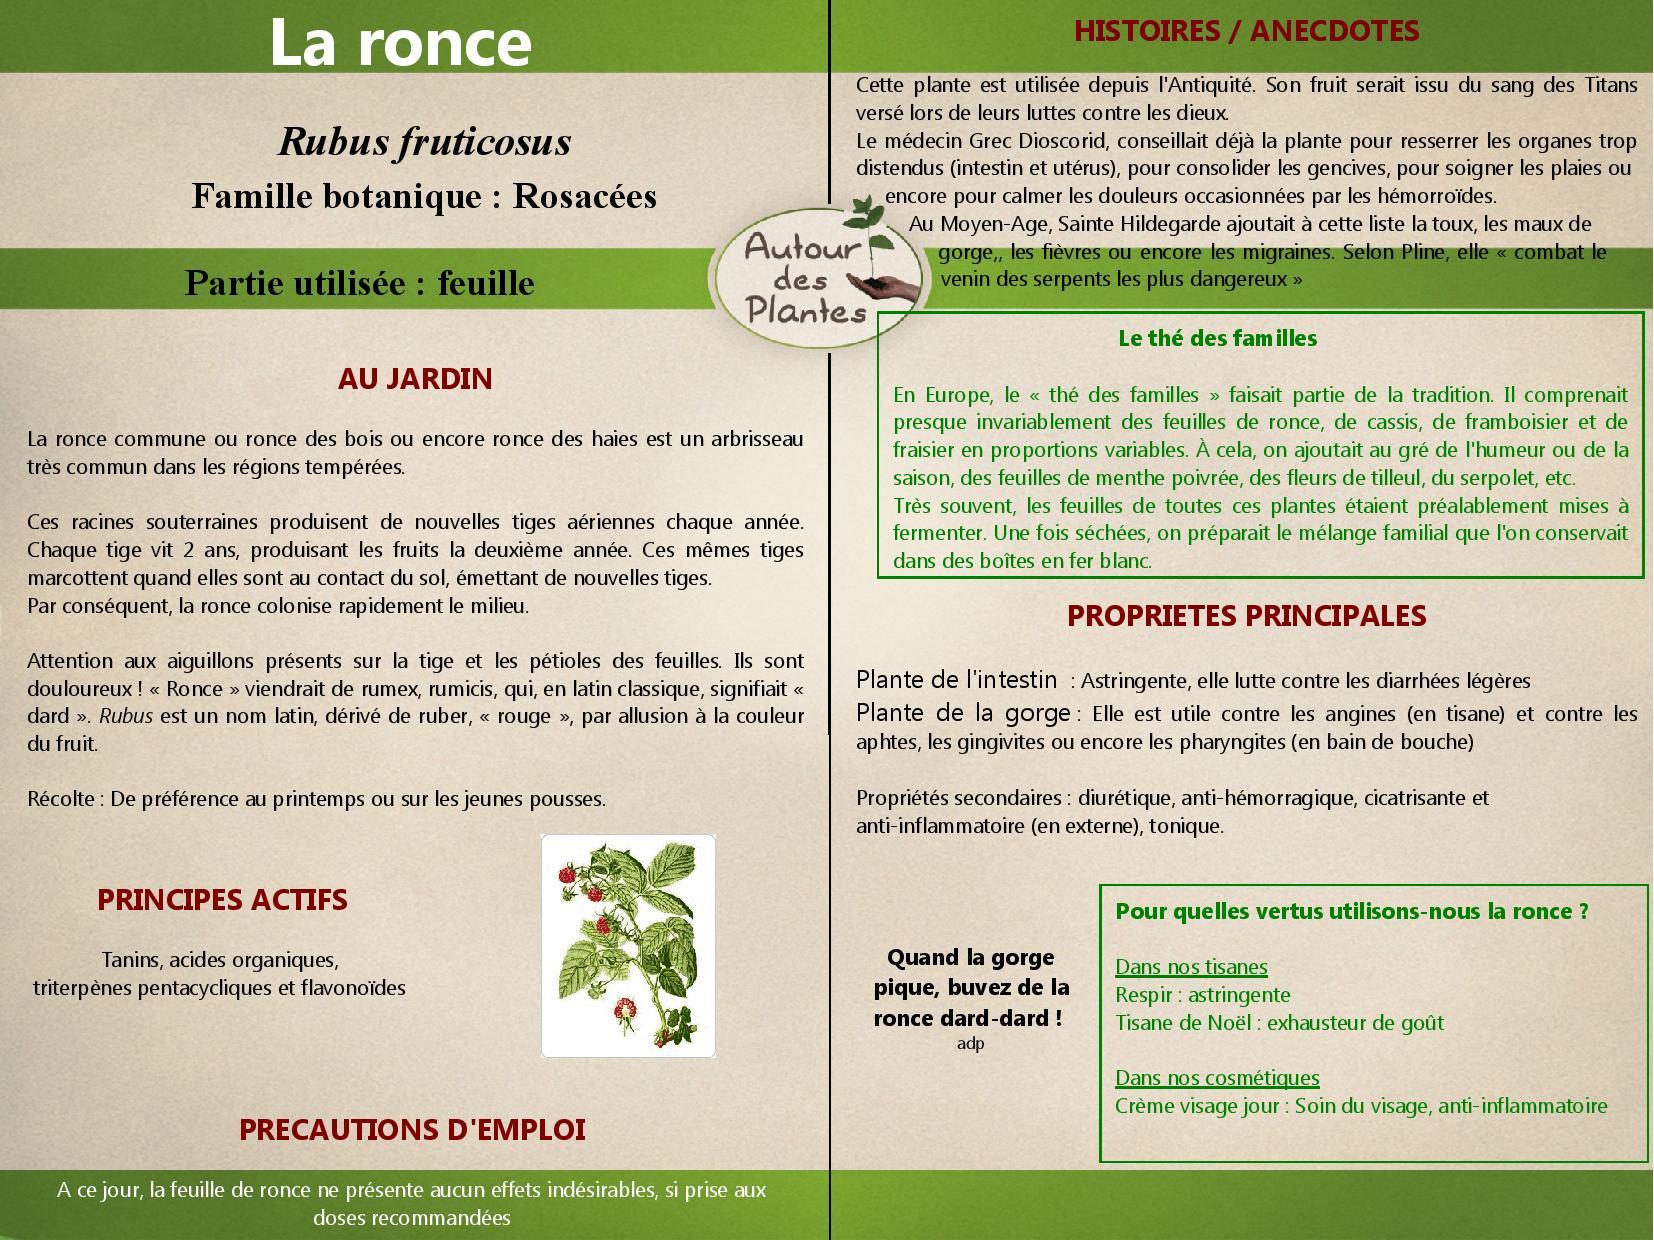 La ronce page 001